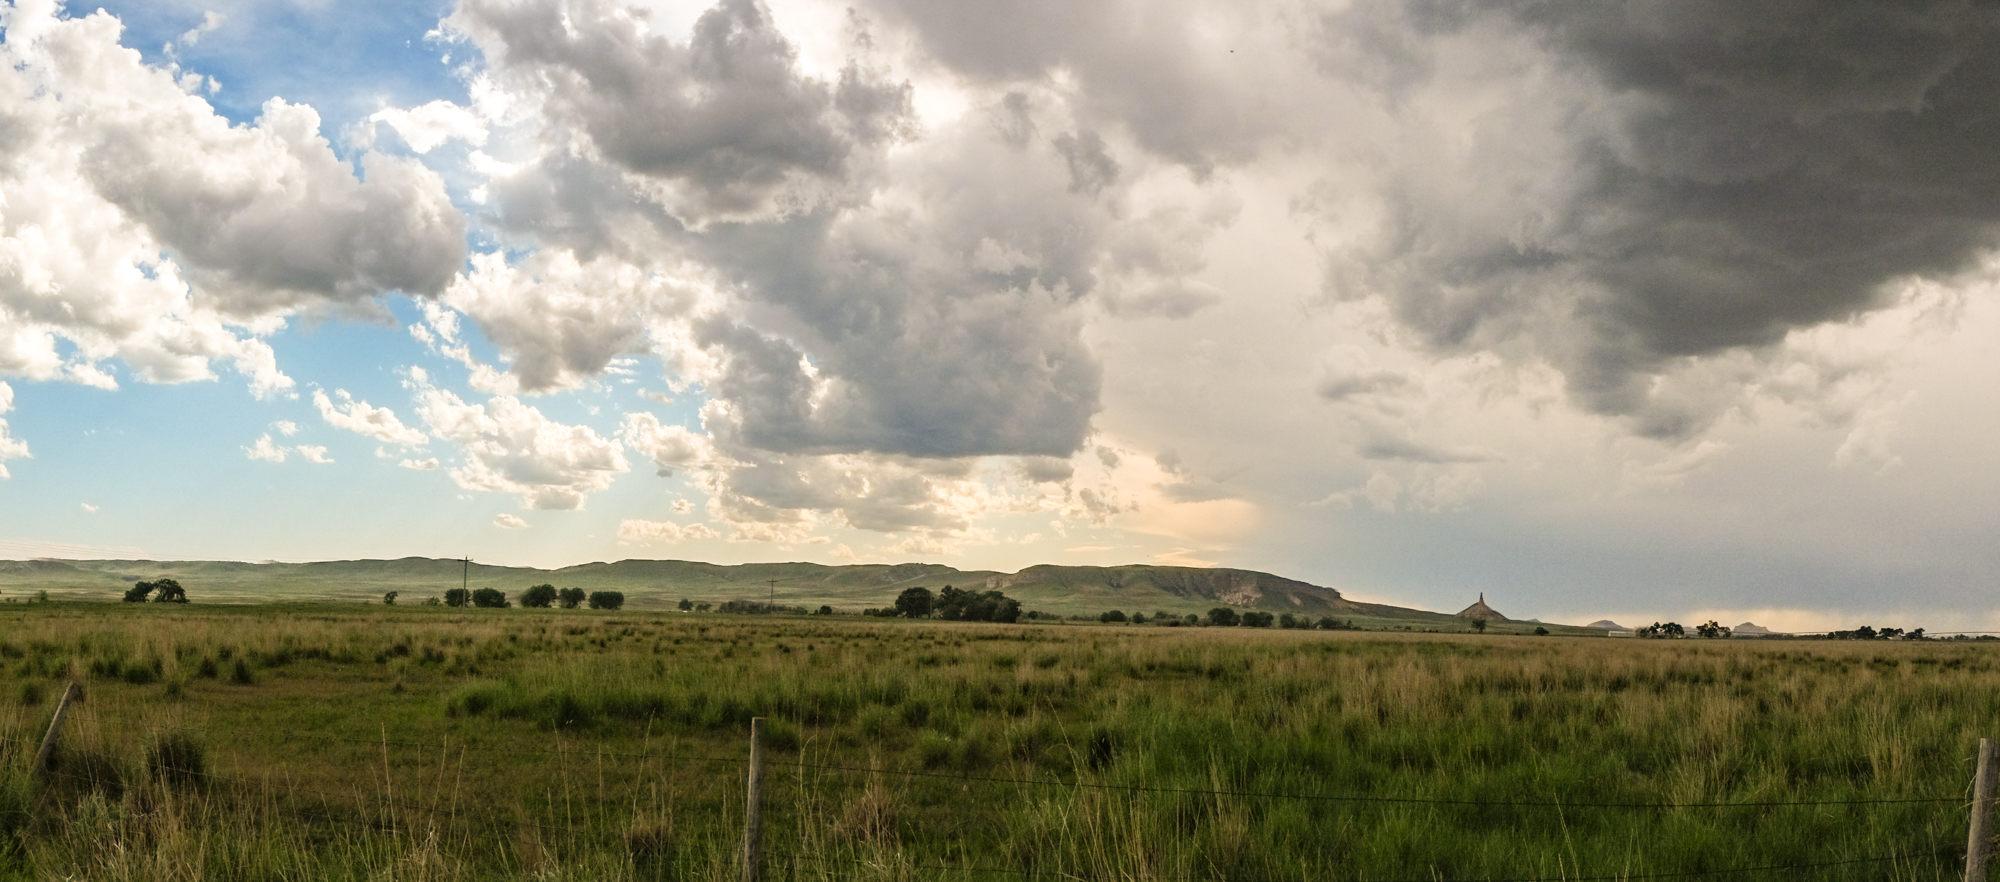 NNWX.US background image